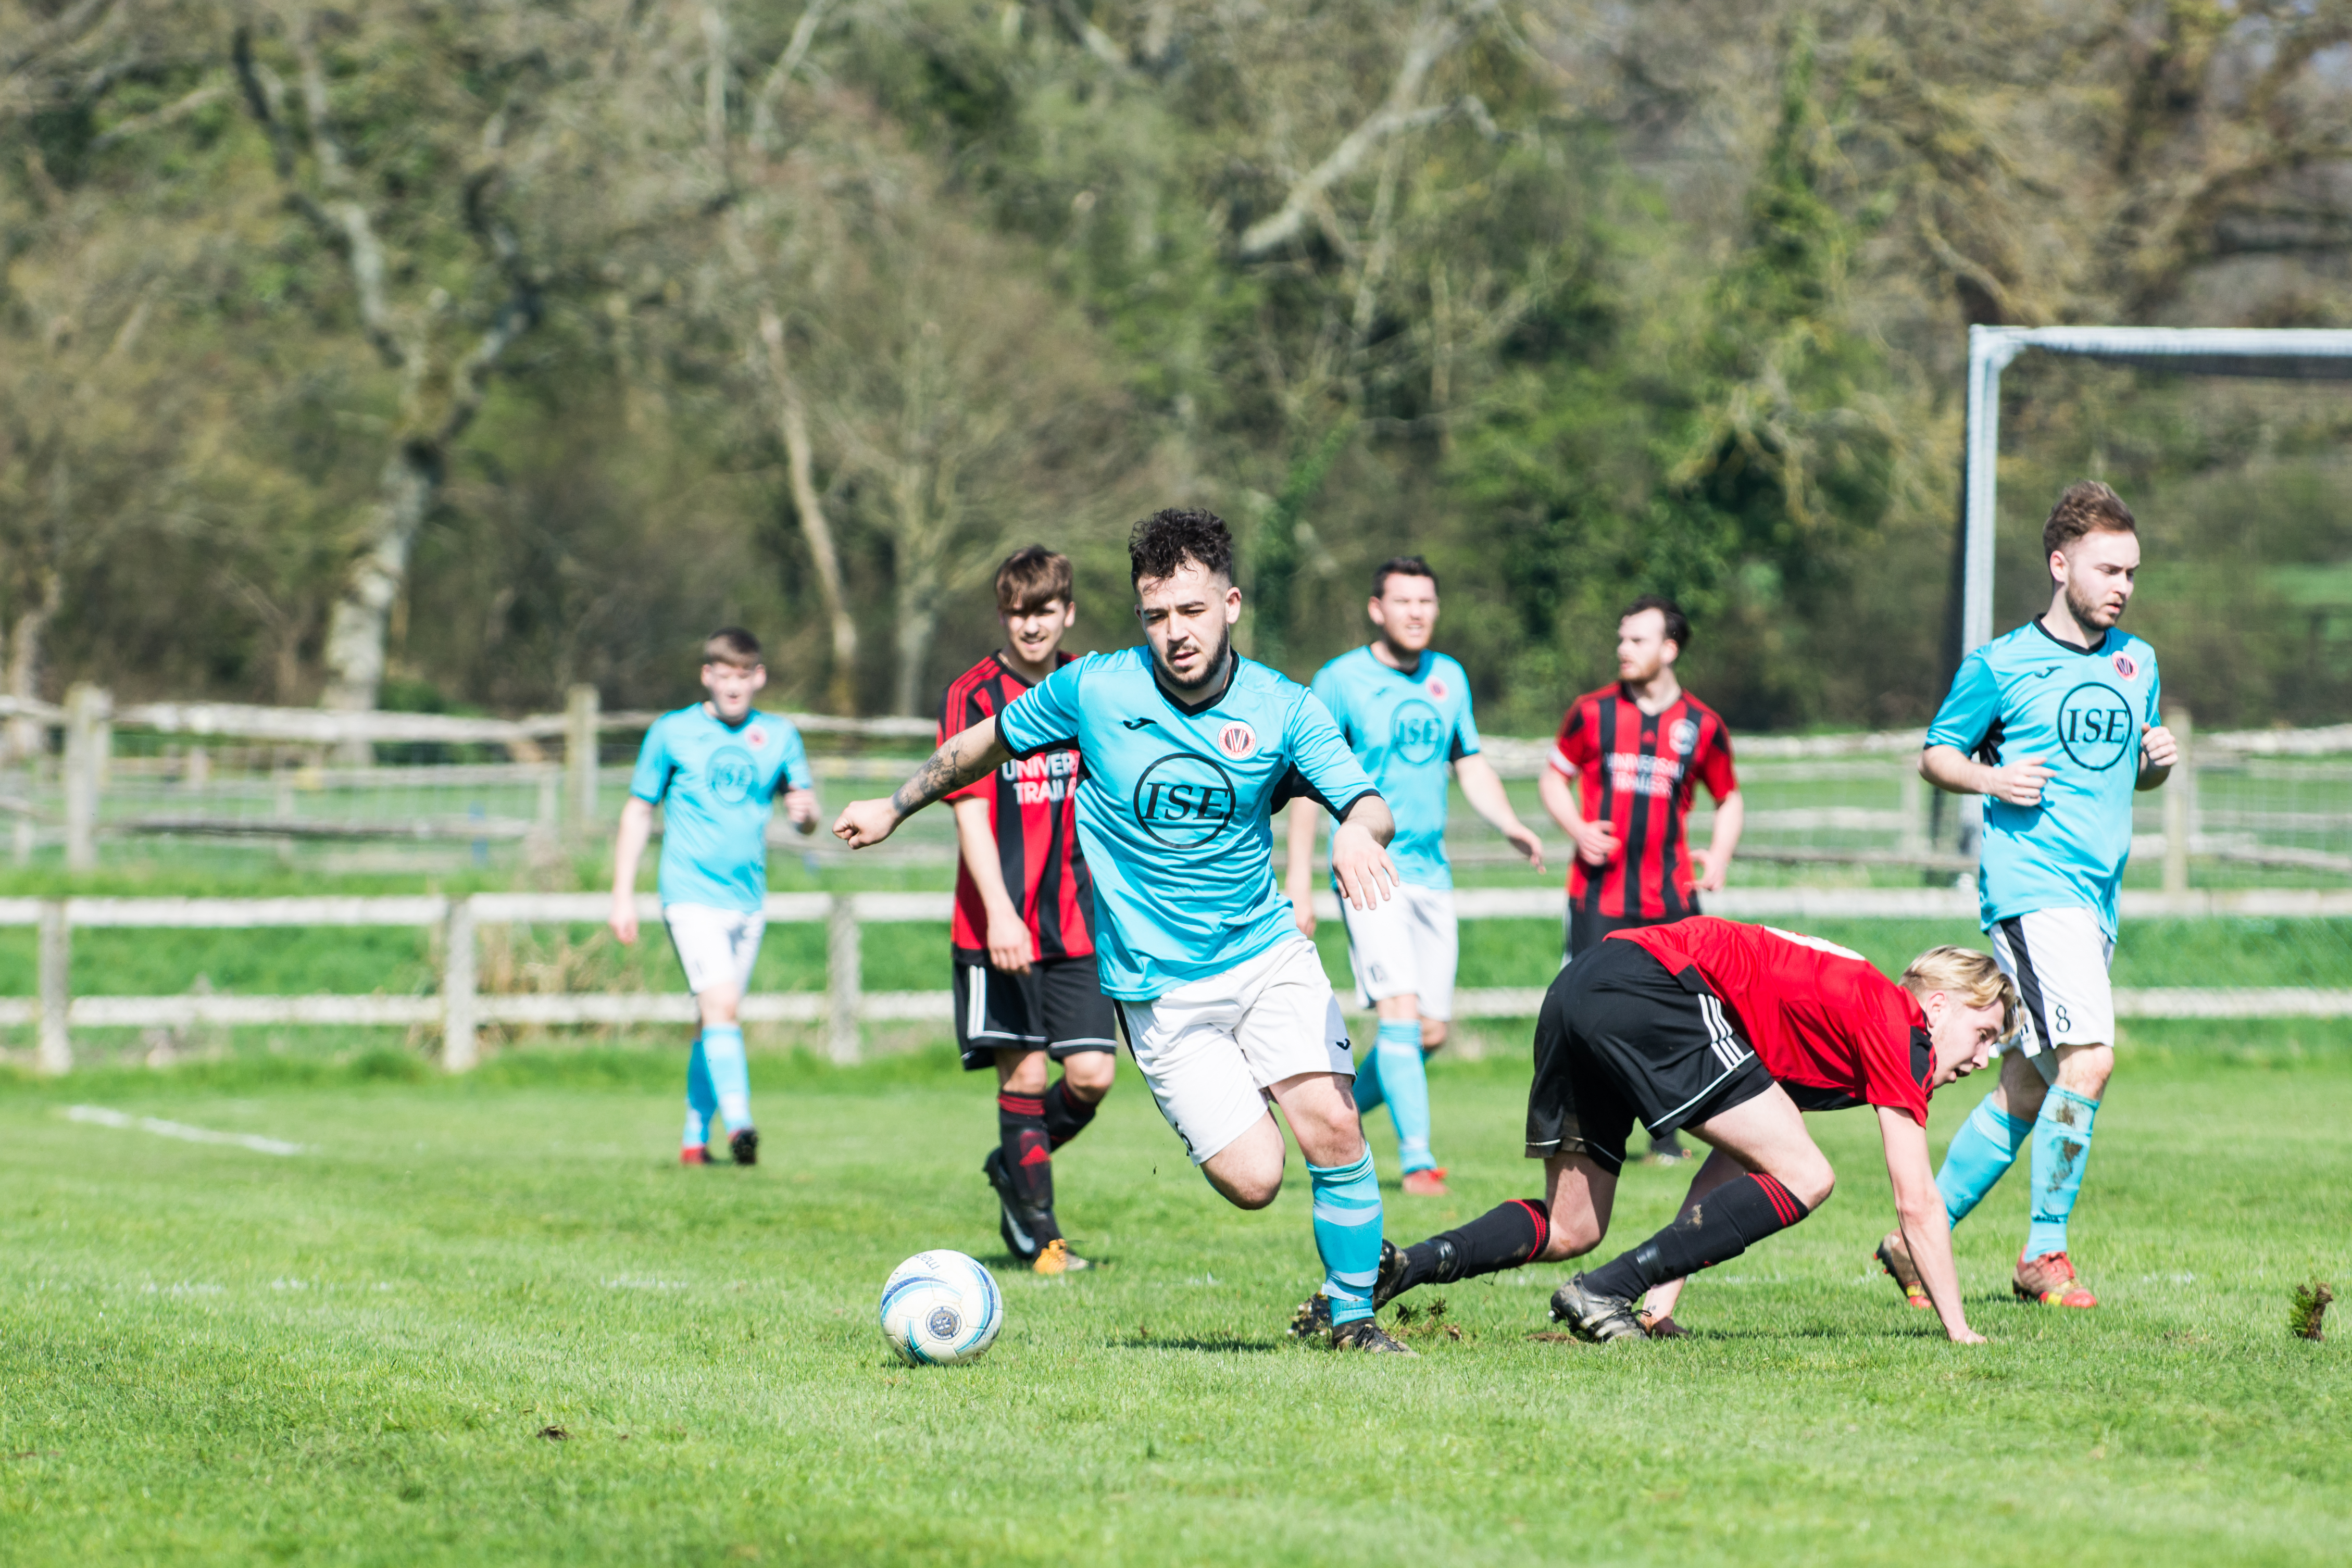 DAVID_JEFFERY Billingshurst FC vs AFC Varndeanians 14.04.18 38